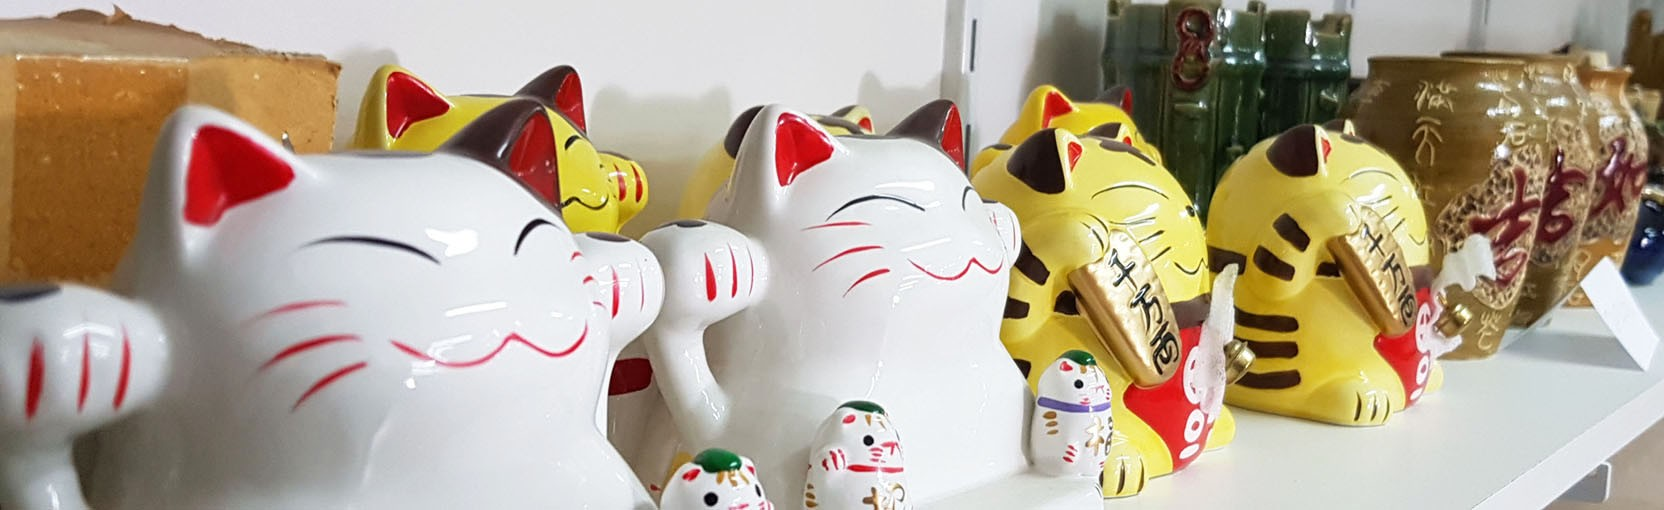 Retrouvez nos chats Neko porte-bonheur ! Blanc, jaune.. Il y en a pour tous les goûts! Oriental-Import.com